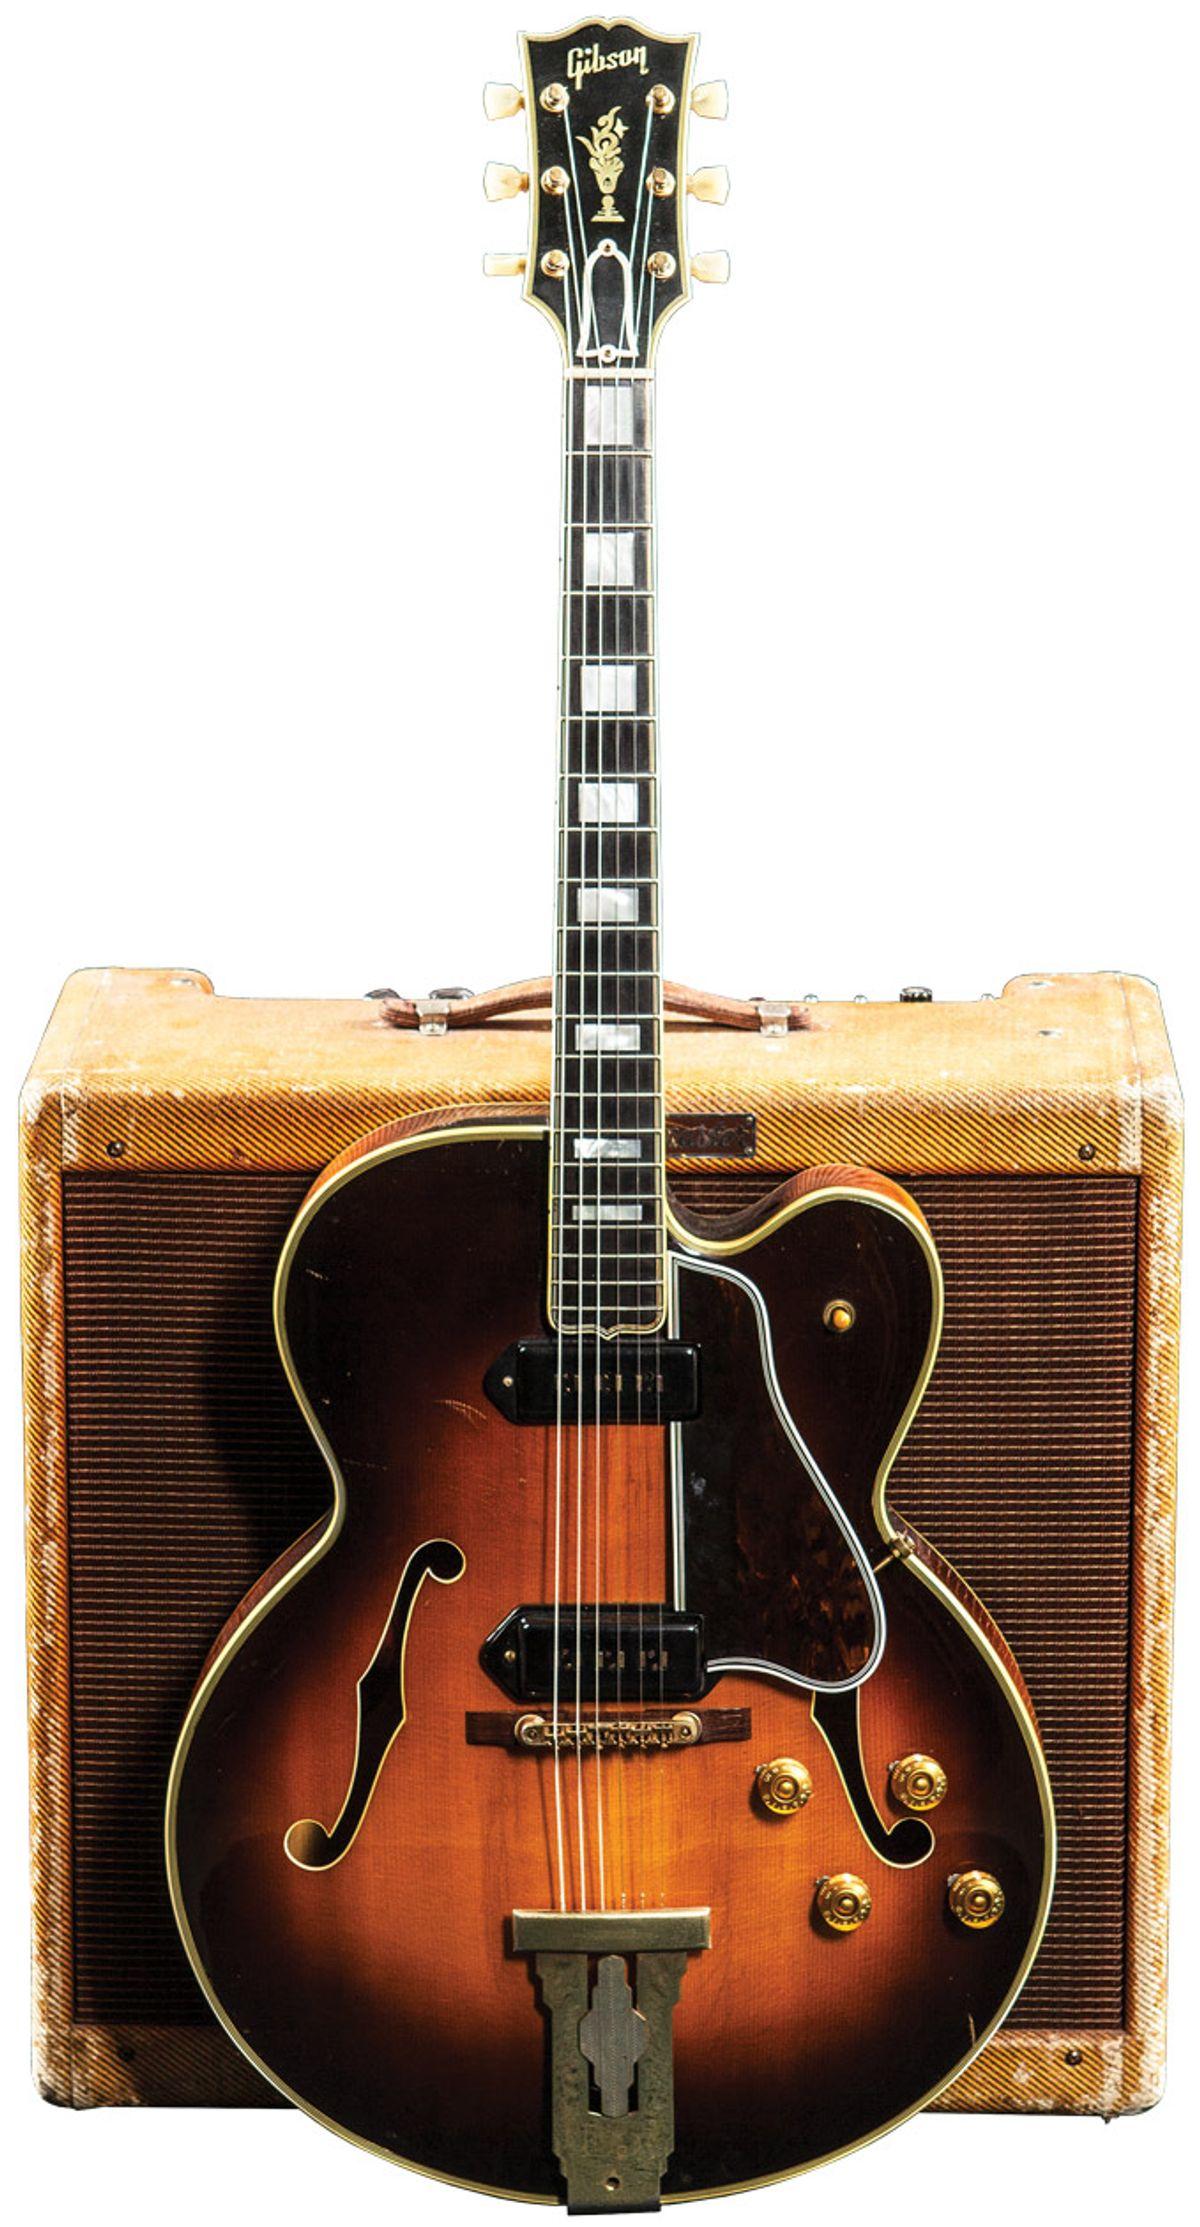 Vintage Vault: 1955 Gibson L-5 CES